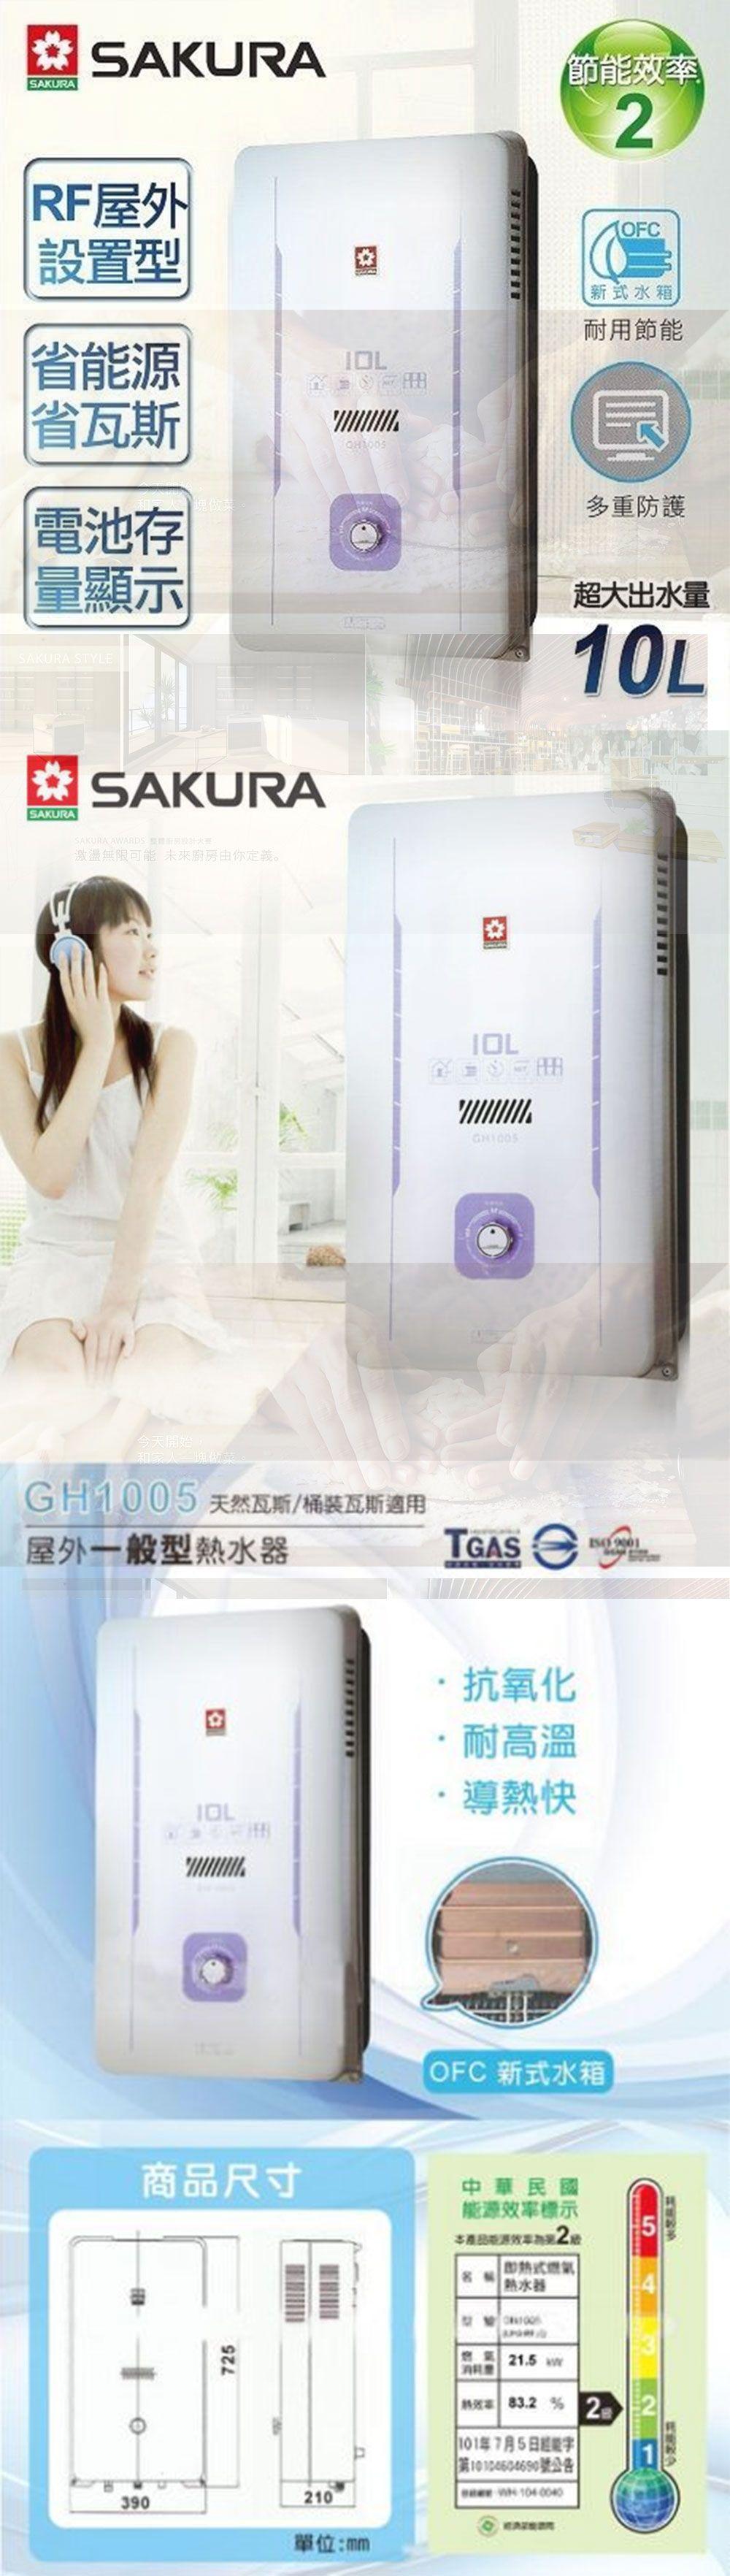 PK/goods/SAKURA/Water Heater/GH1005-DM-1.jpg